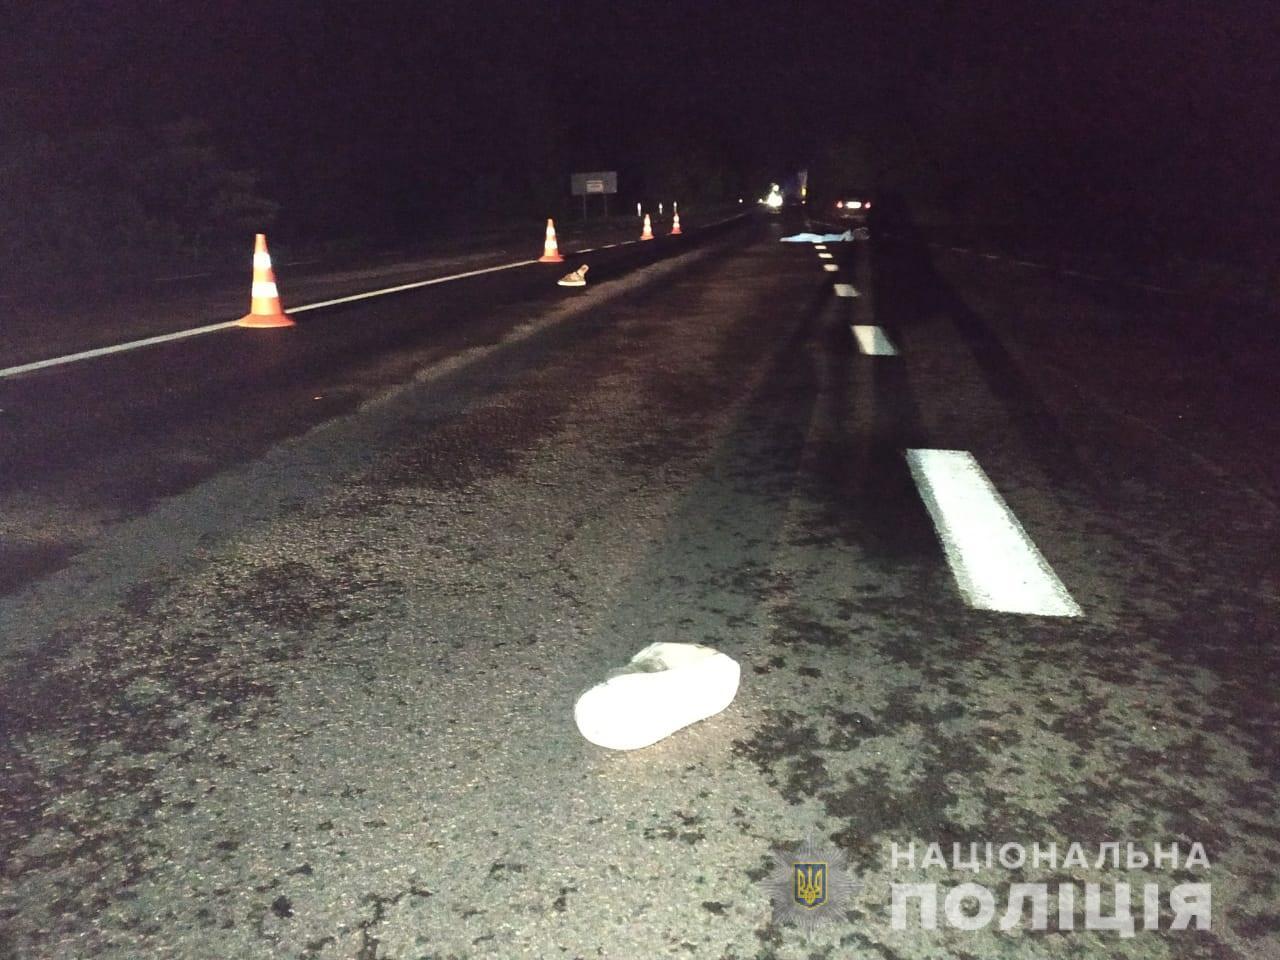 Загинула жінка: поліцейські з'ясовують обставини летальної автопригоди у Луцькому районі